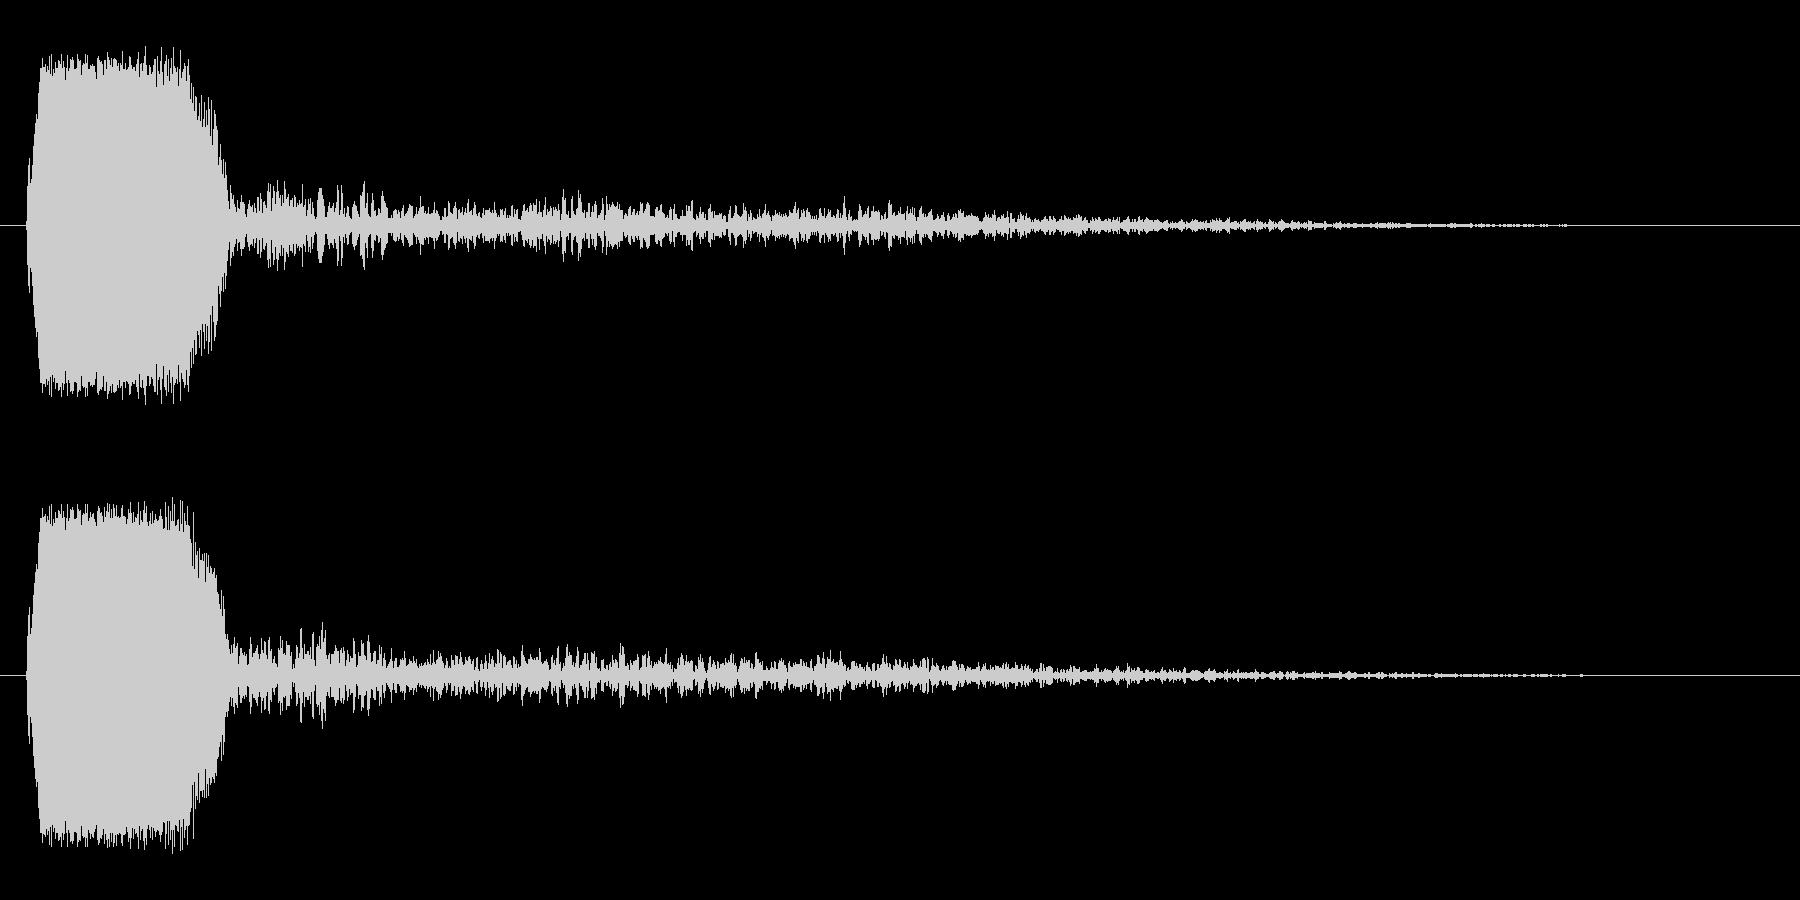 短くて高いさえずりのような音の未再生の波形